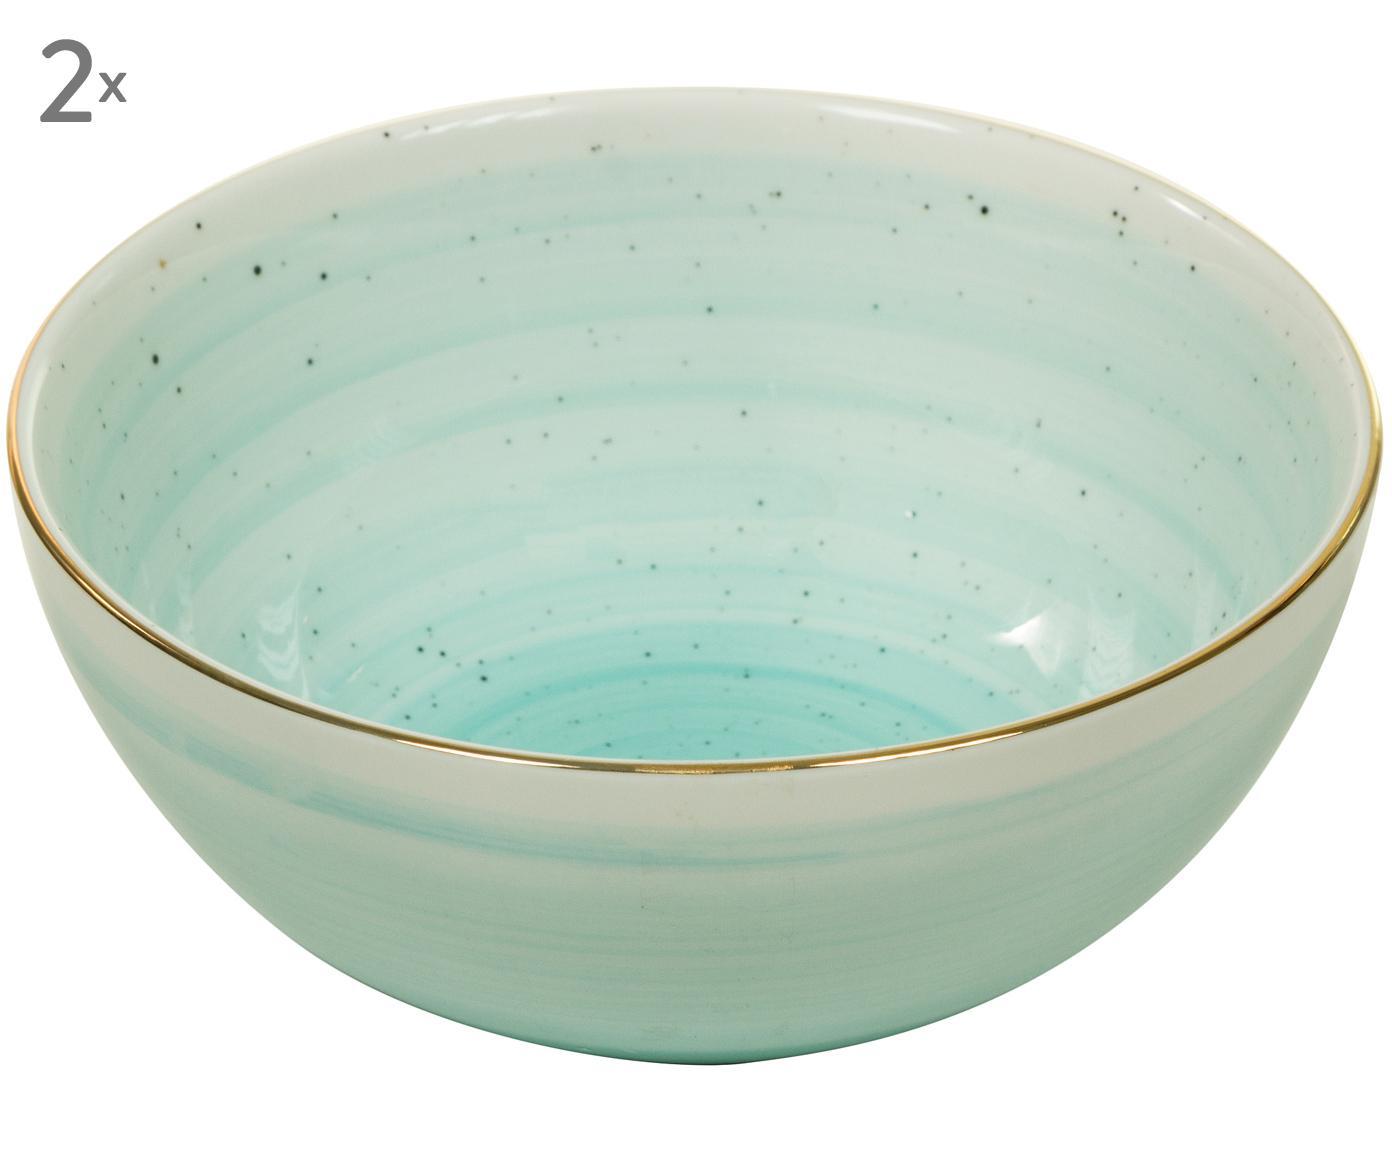 Handgemachte Schälchen Bol mit Goldrand, 2 Stück, Porzellan, Türkisblau, Ø 12 x H 6 cm